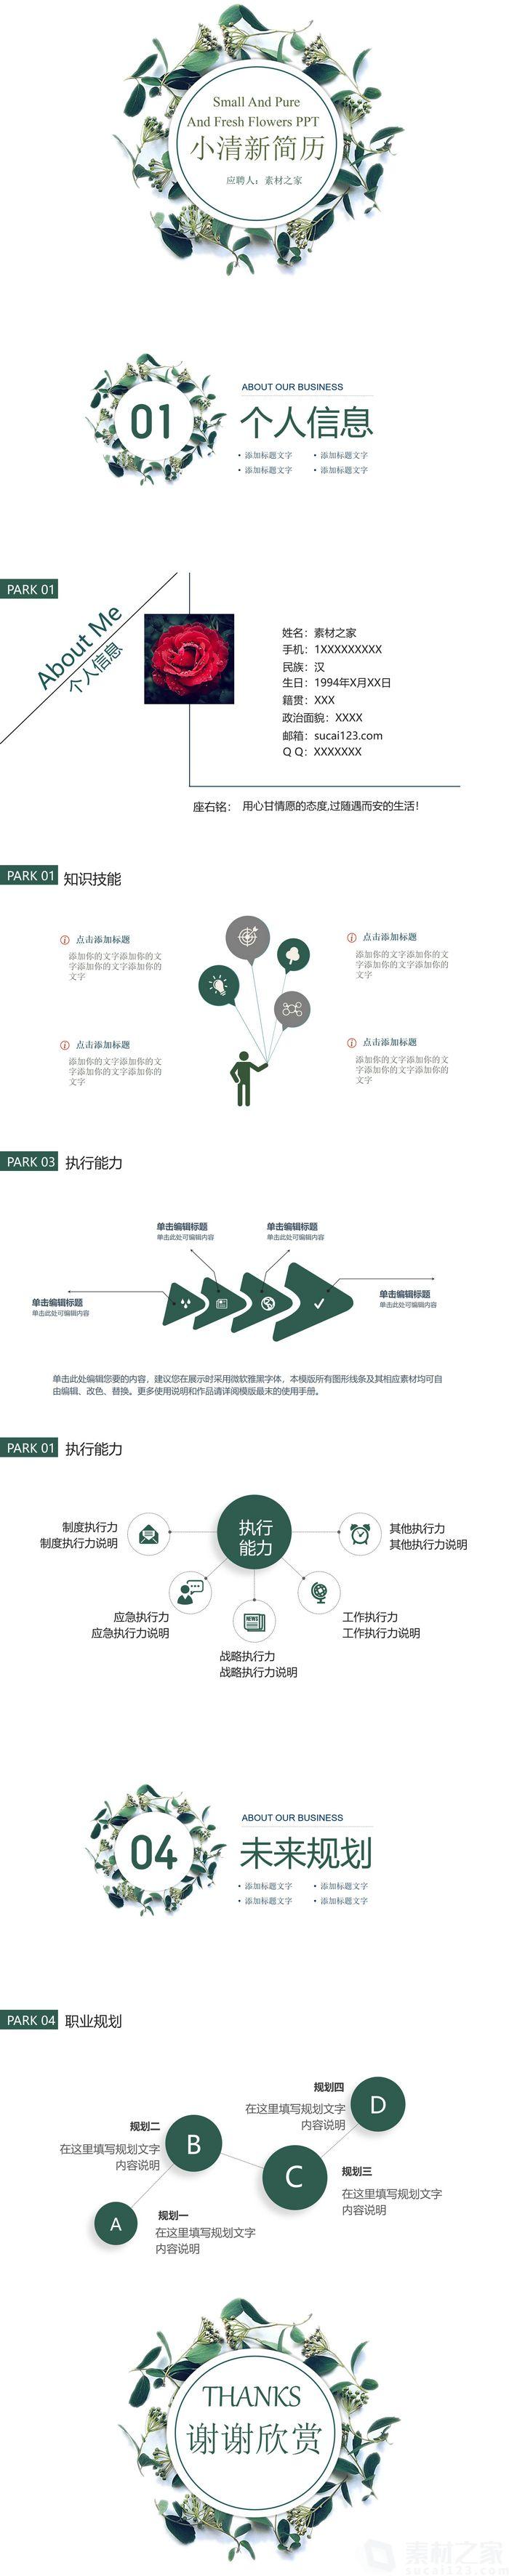 清新树叶行政管理PPT简历模板